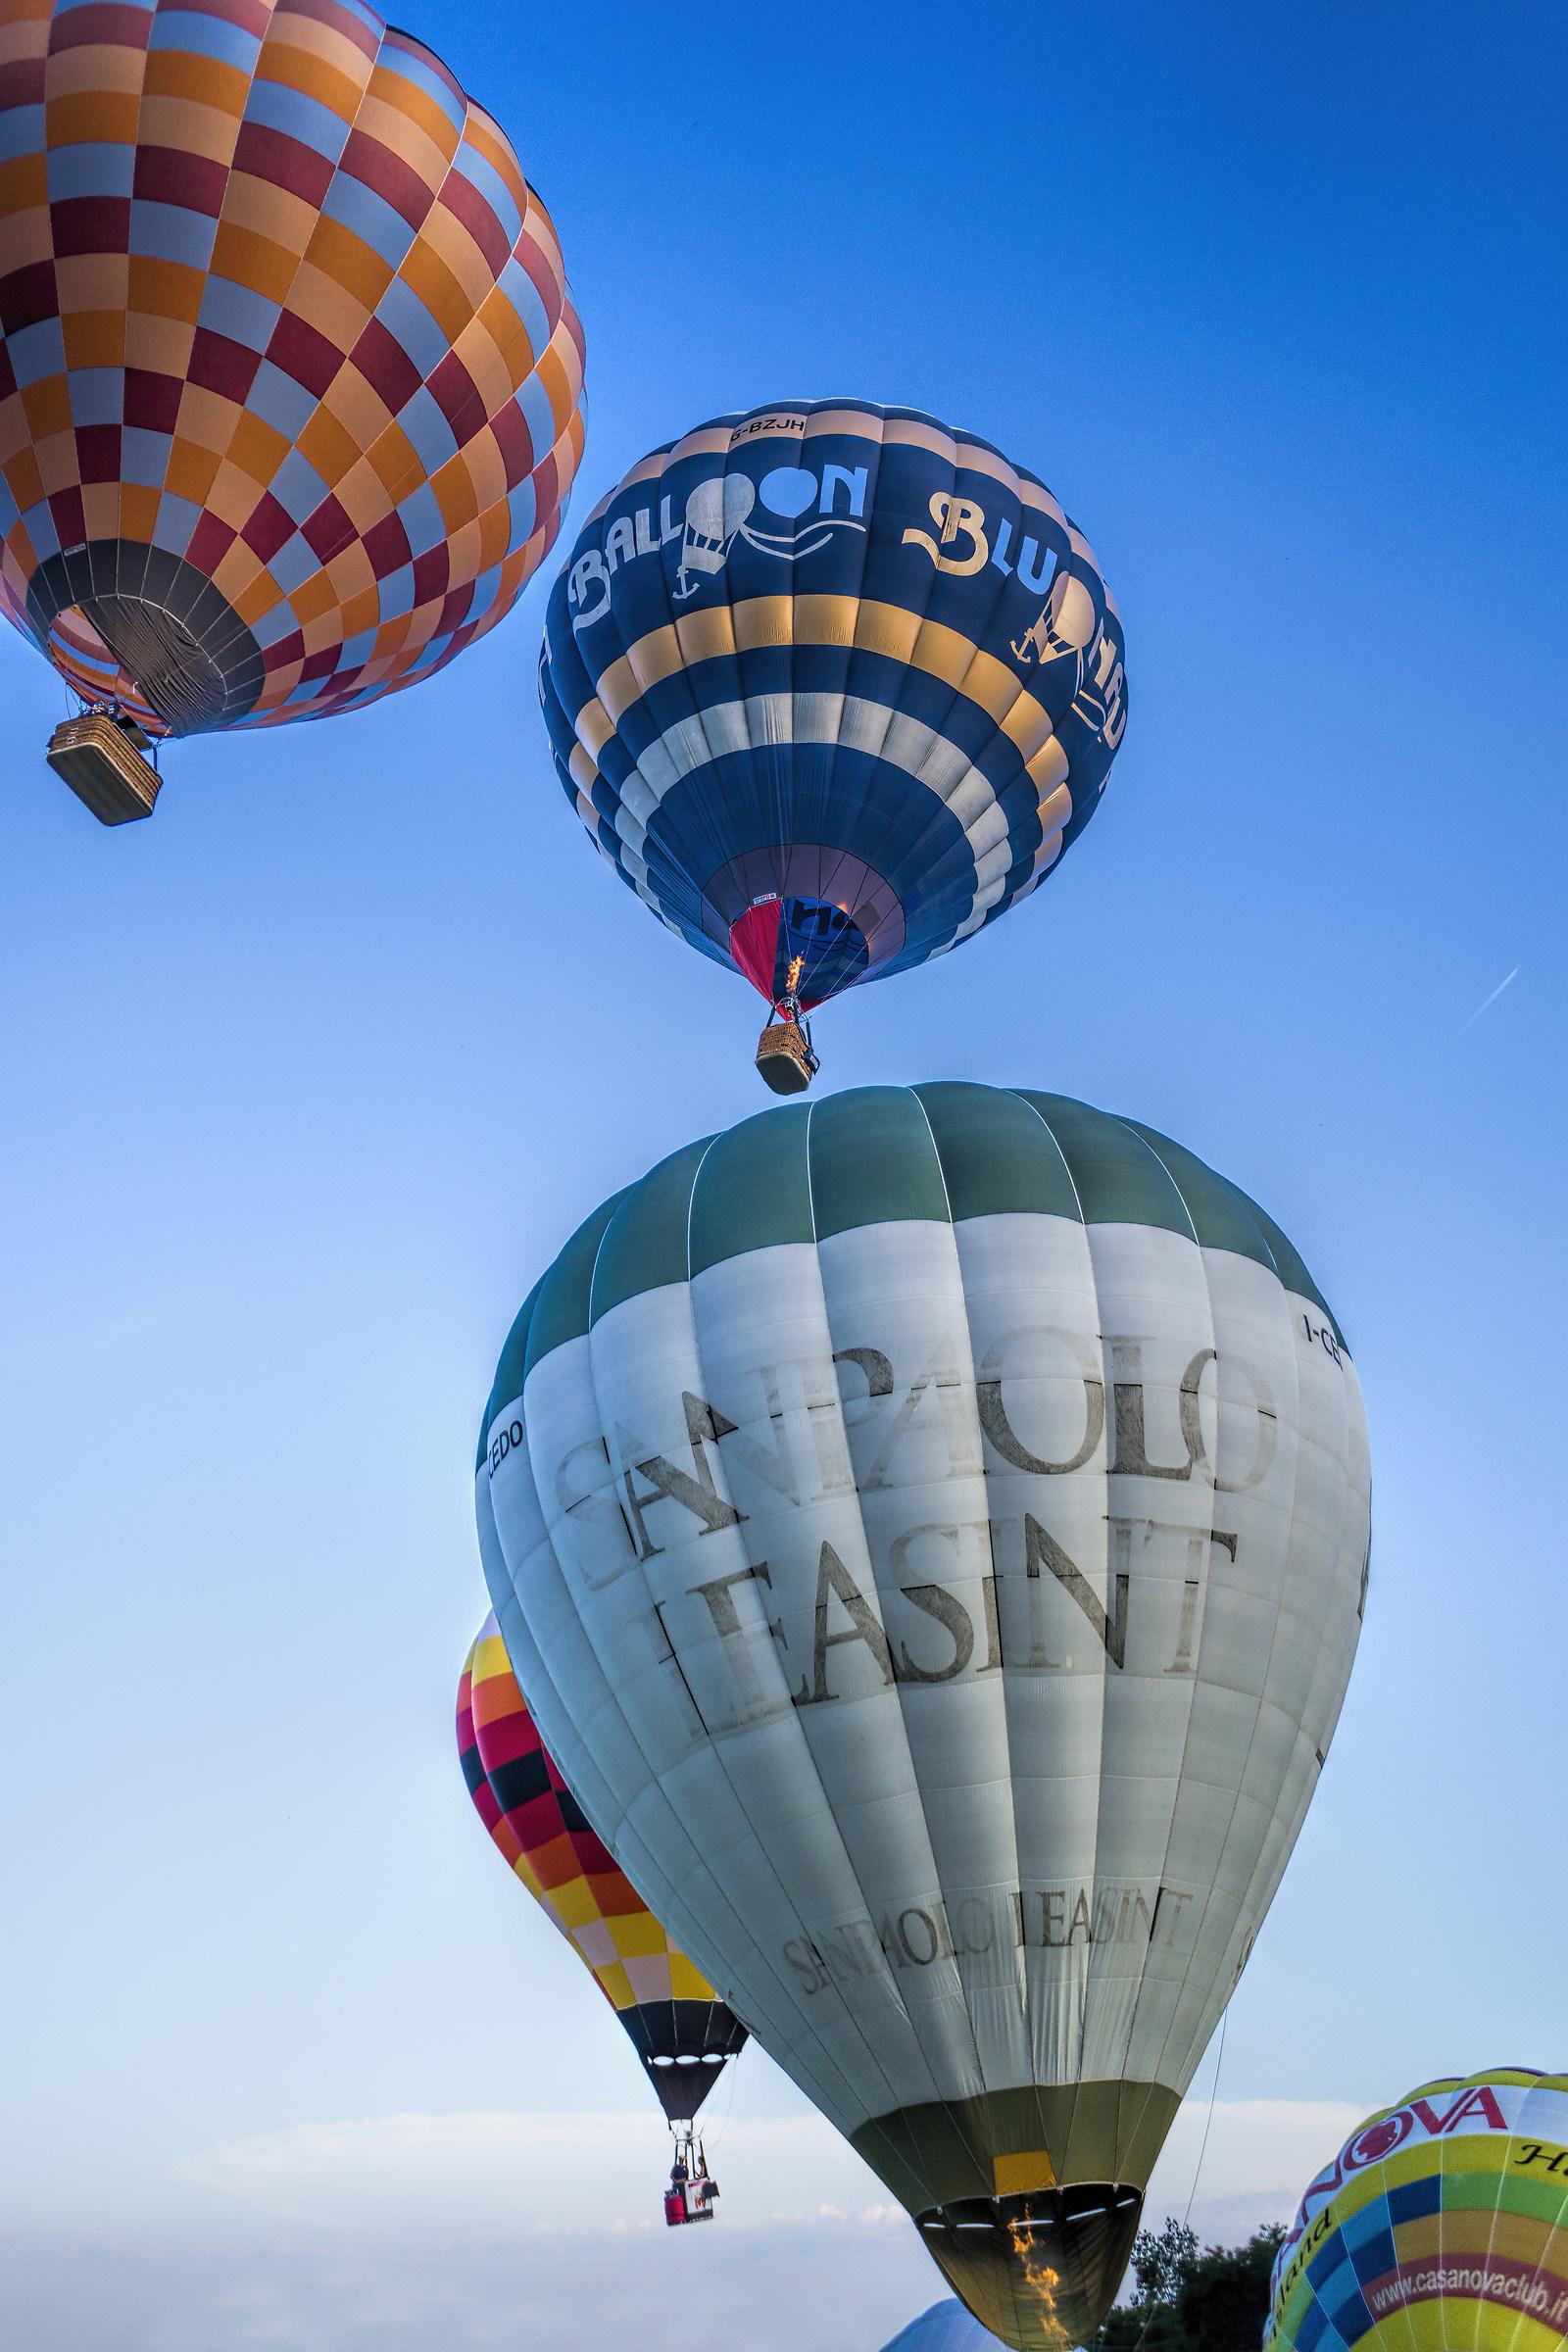 Hot air balloons in flight...